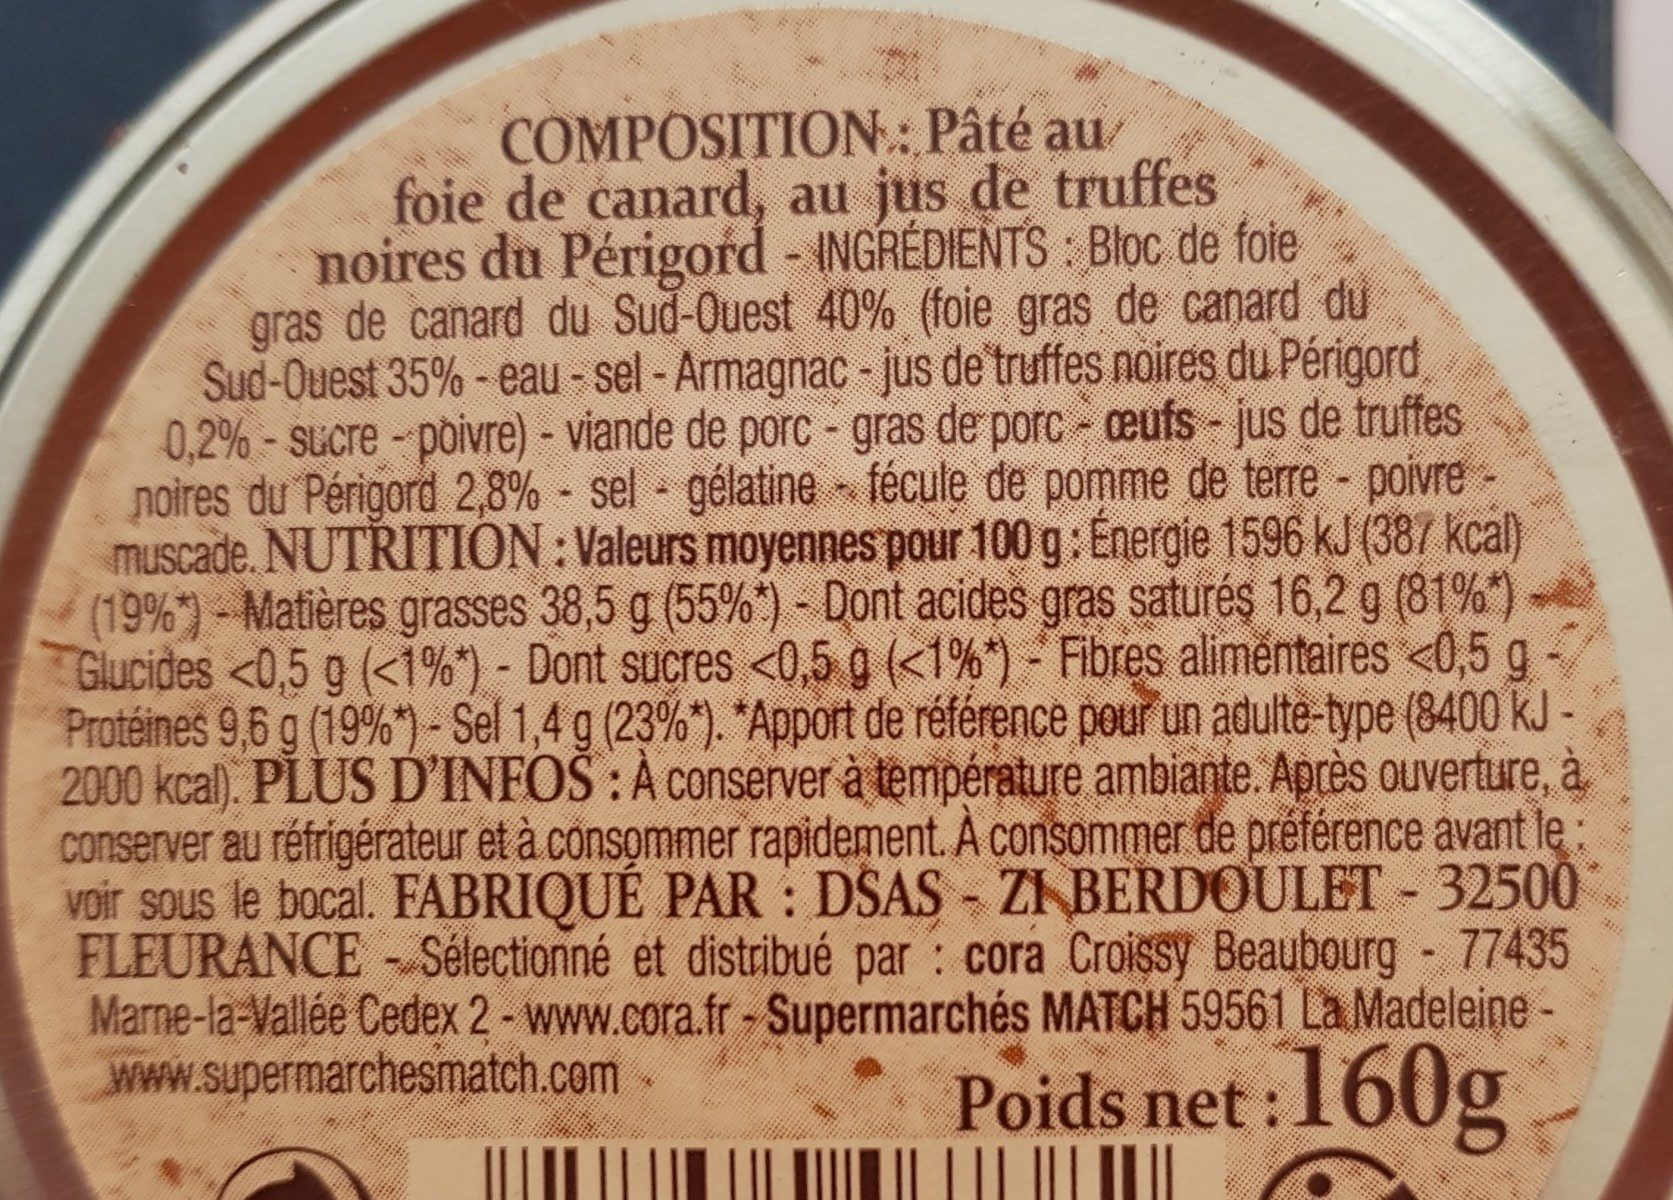 Pate recette perigourdine au foie de canard - Ingrédients - fr